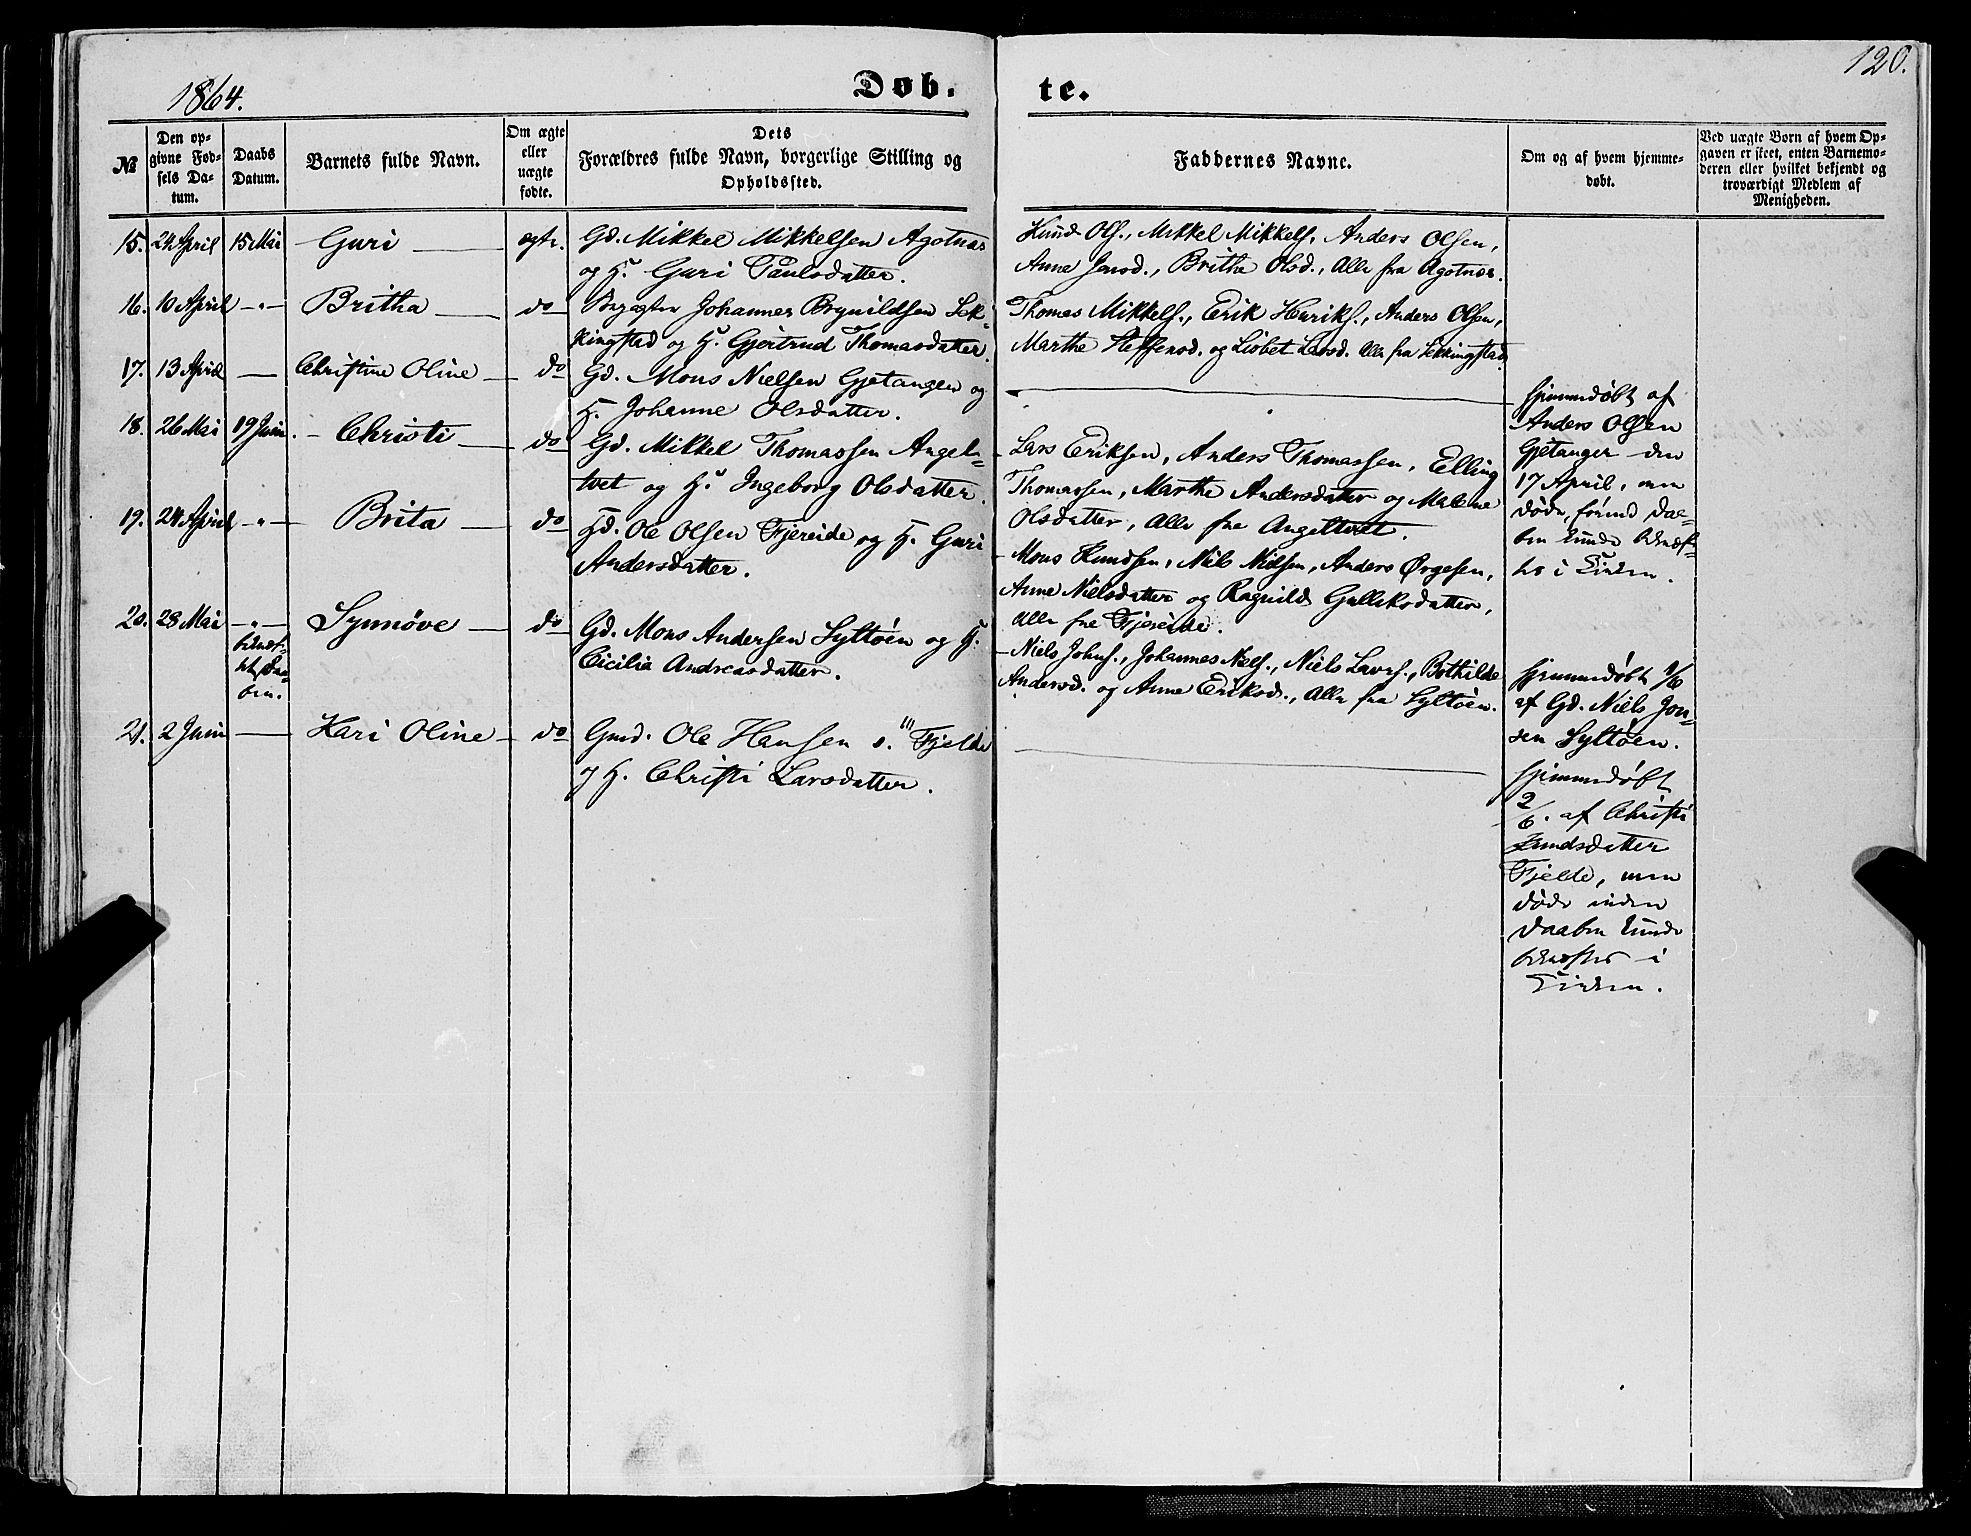 SAB, Fjell sokneprestembete, H/Haa: Ministerialbok nr. A 2, 1847-1864, s. 120